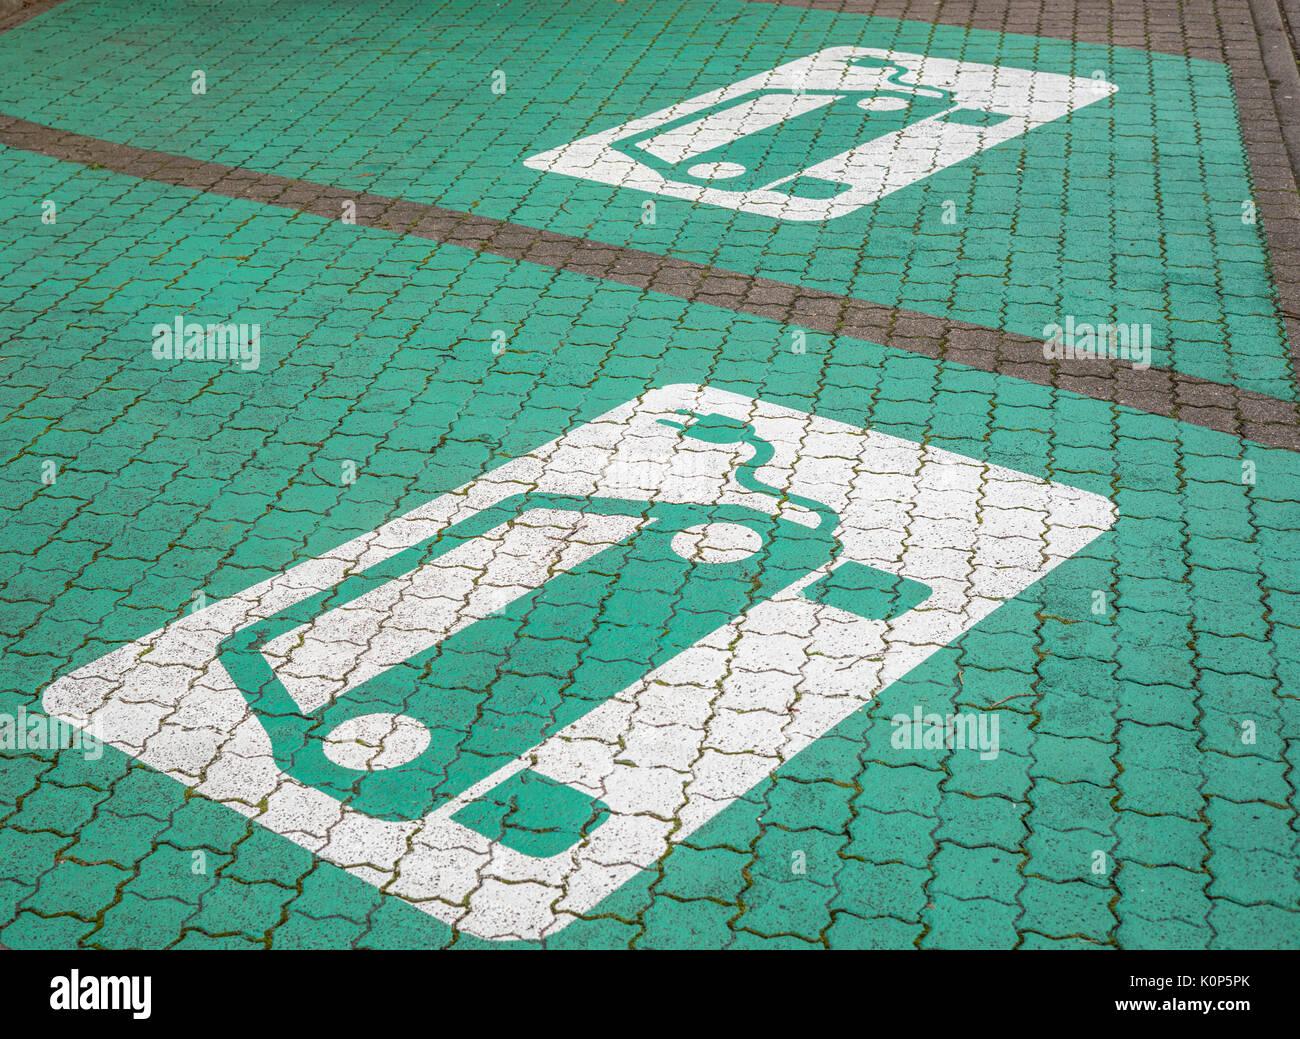 Texte zu den Piktogrammen, die e-car Ladestation Stockbild